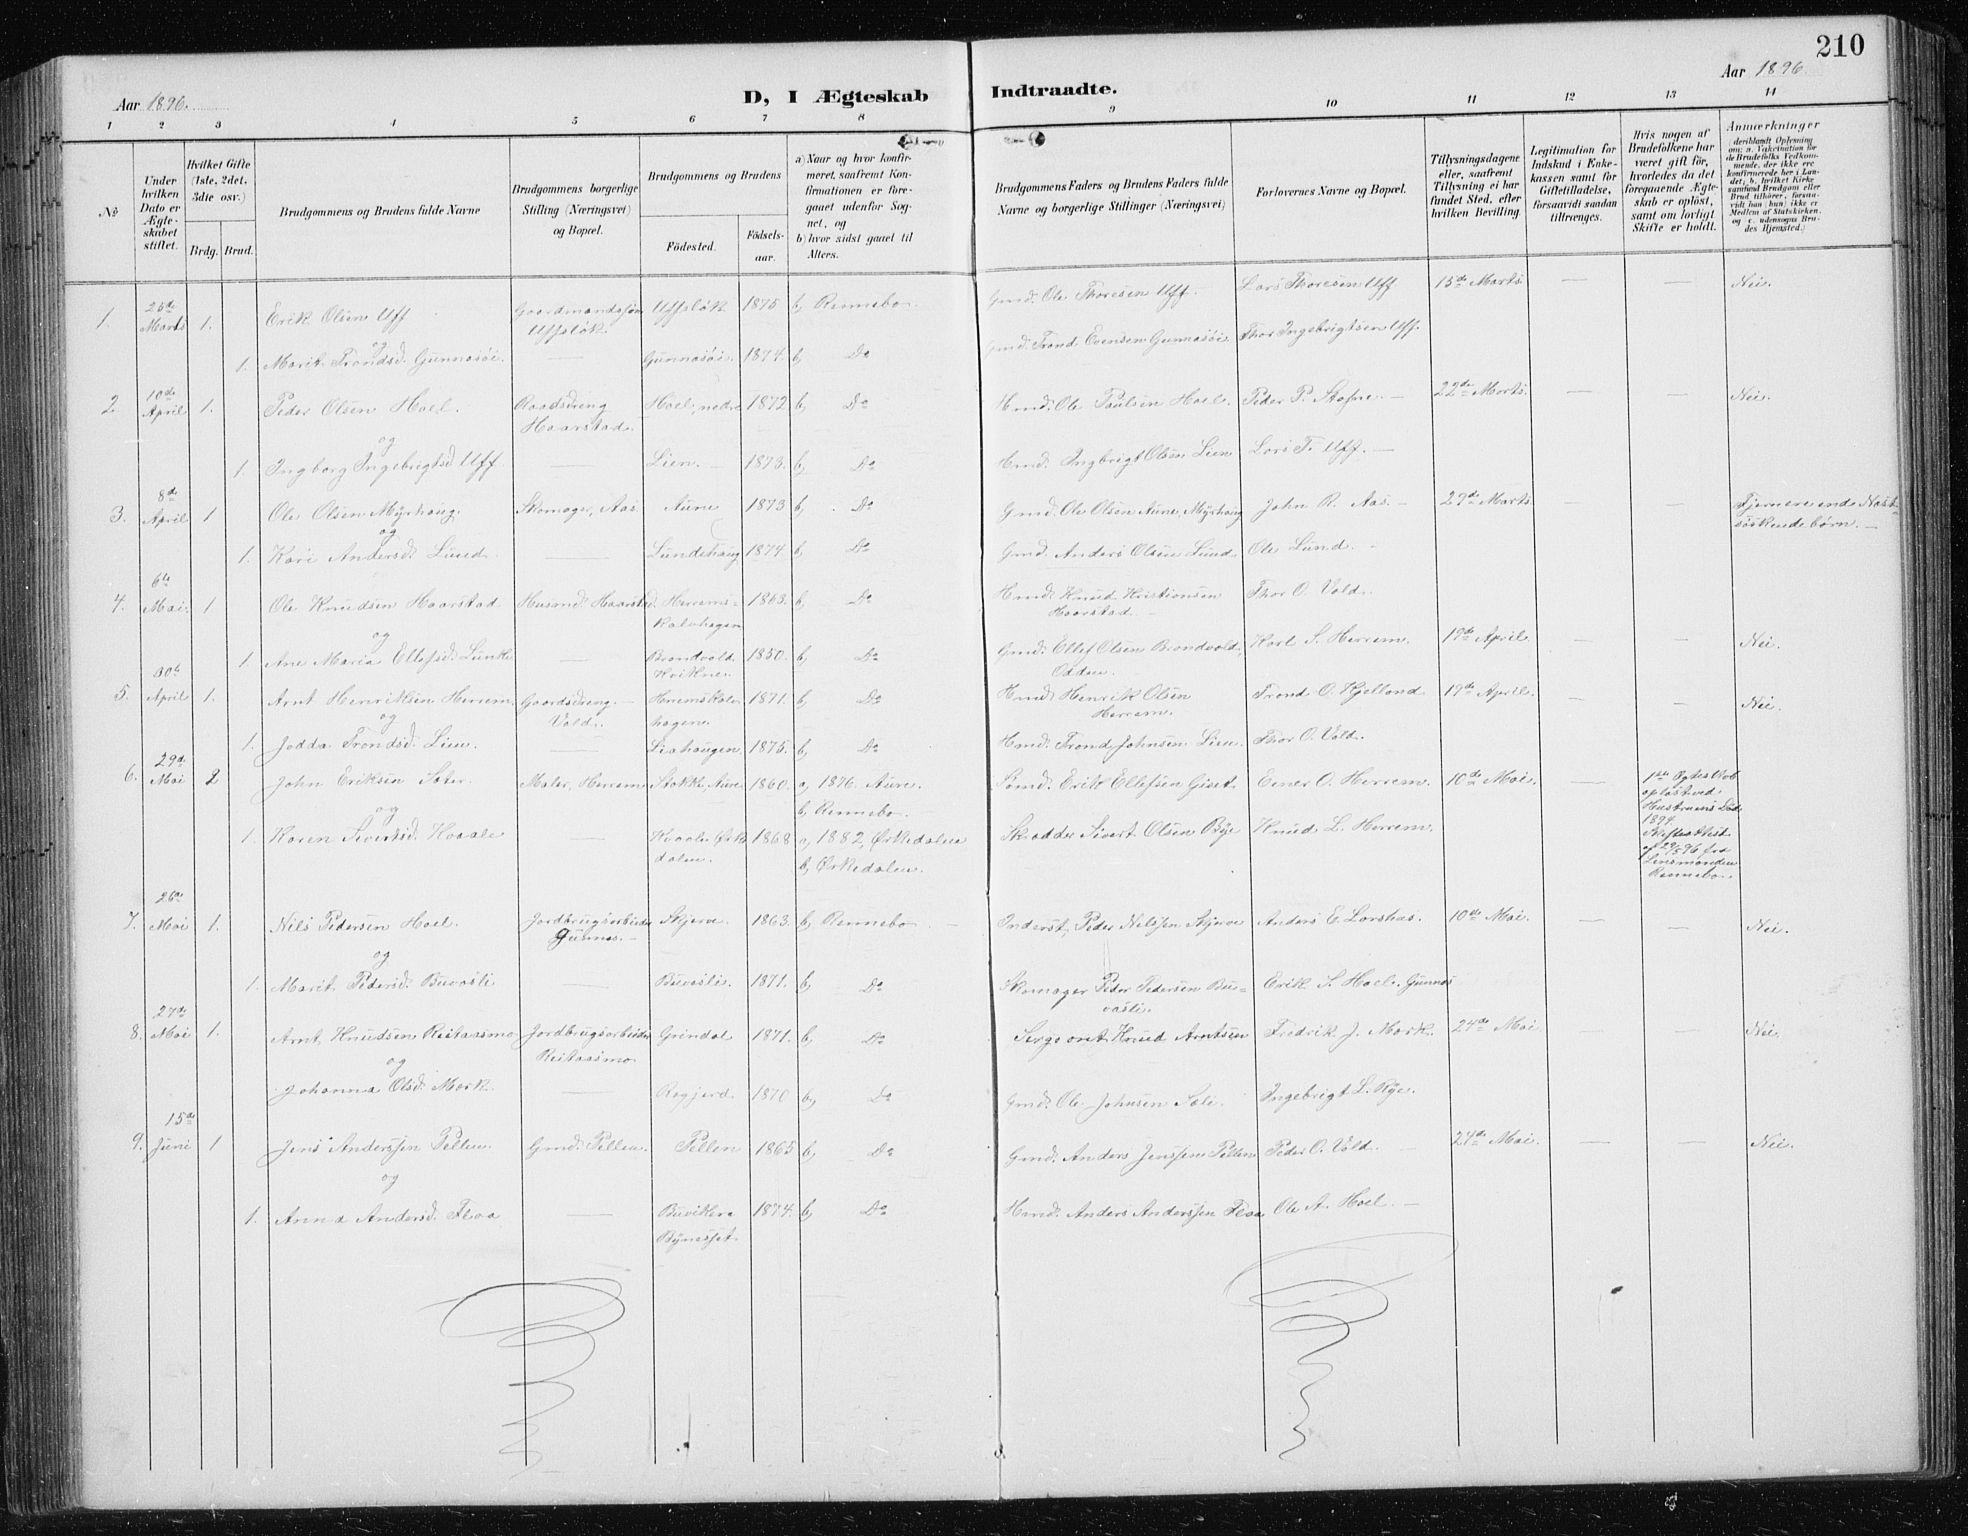 SAT, Ministerialprotokoller, klokkerbøker og fødselsregistre - Sør-Trøndelag, 674/L0876: Klokkerbok nr. 674C03, 1892-1912, s. 210